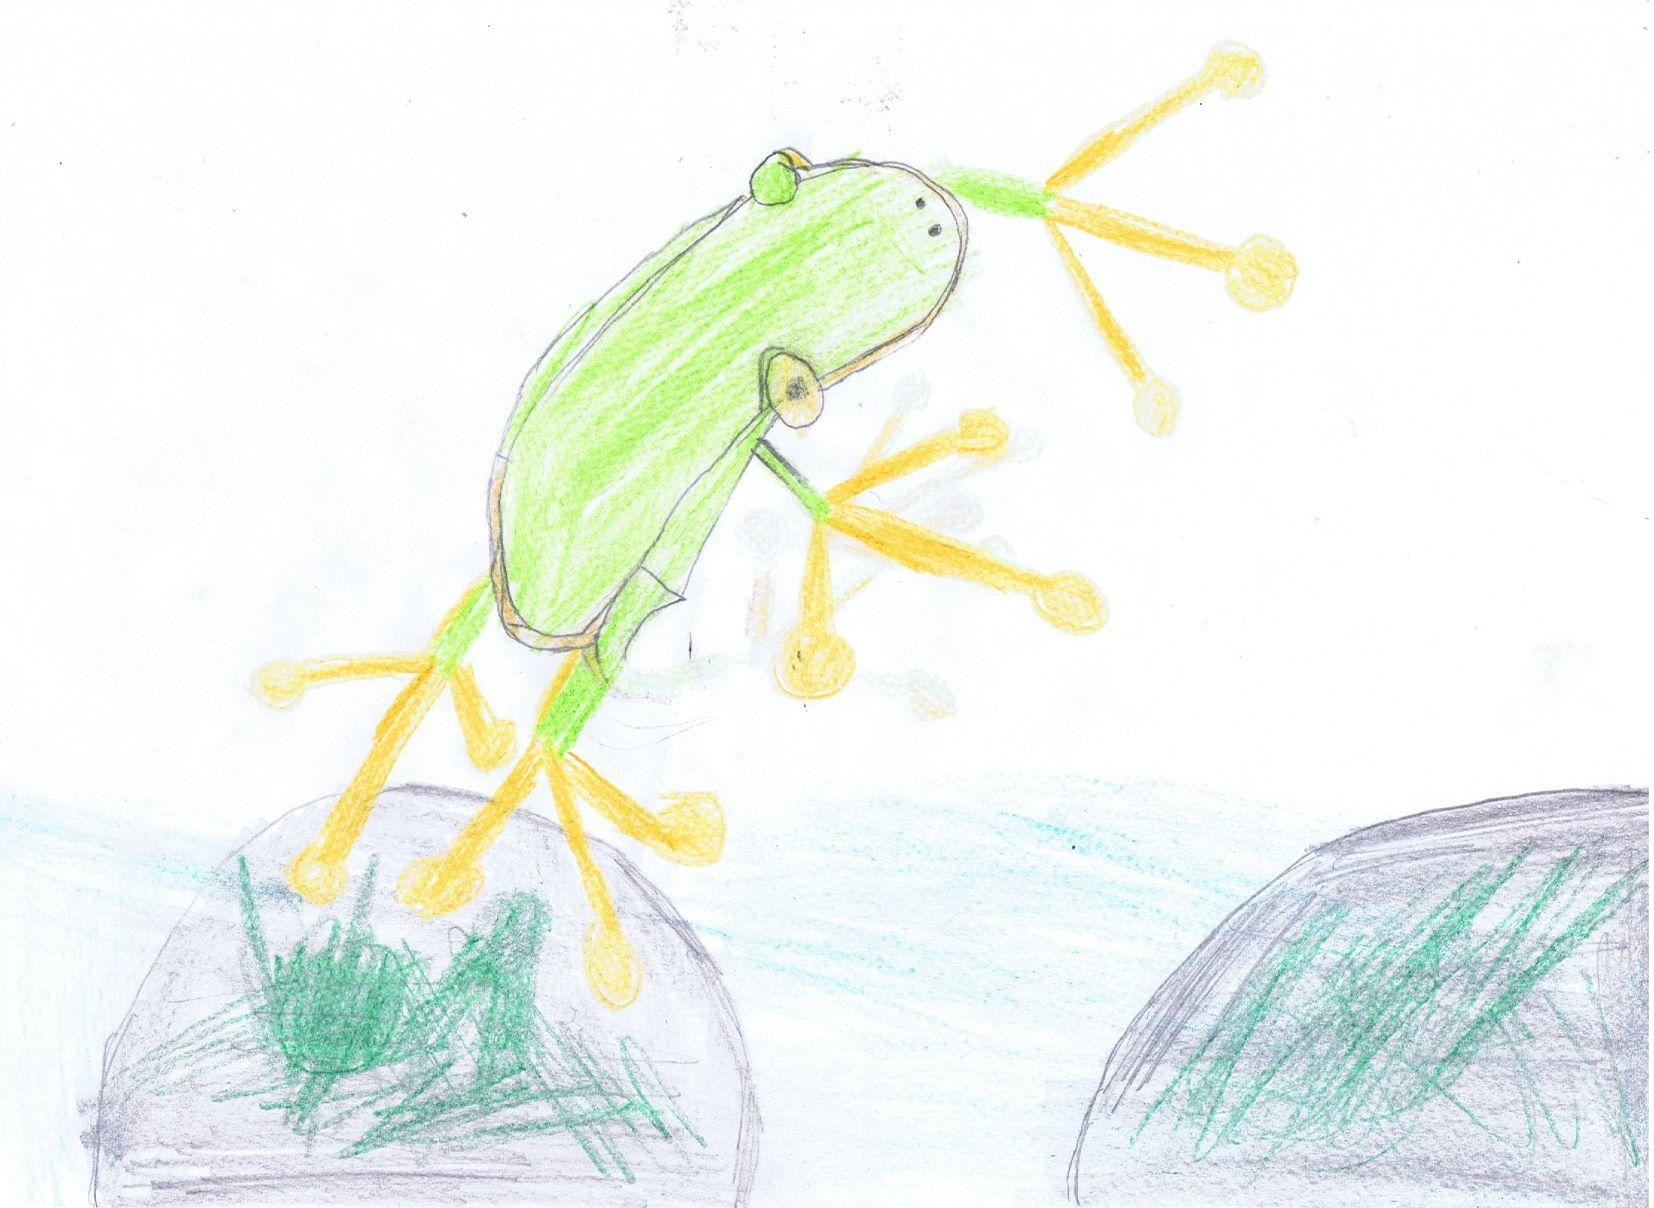 Wetterbericht vom Frosch - 14. Juni